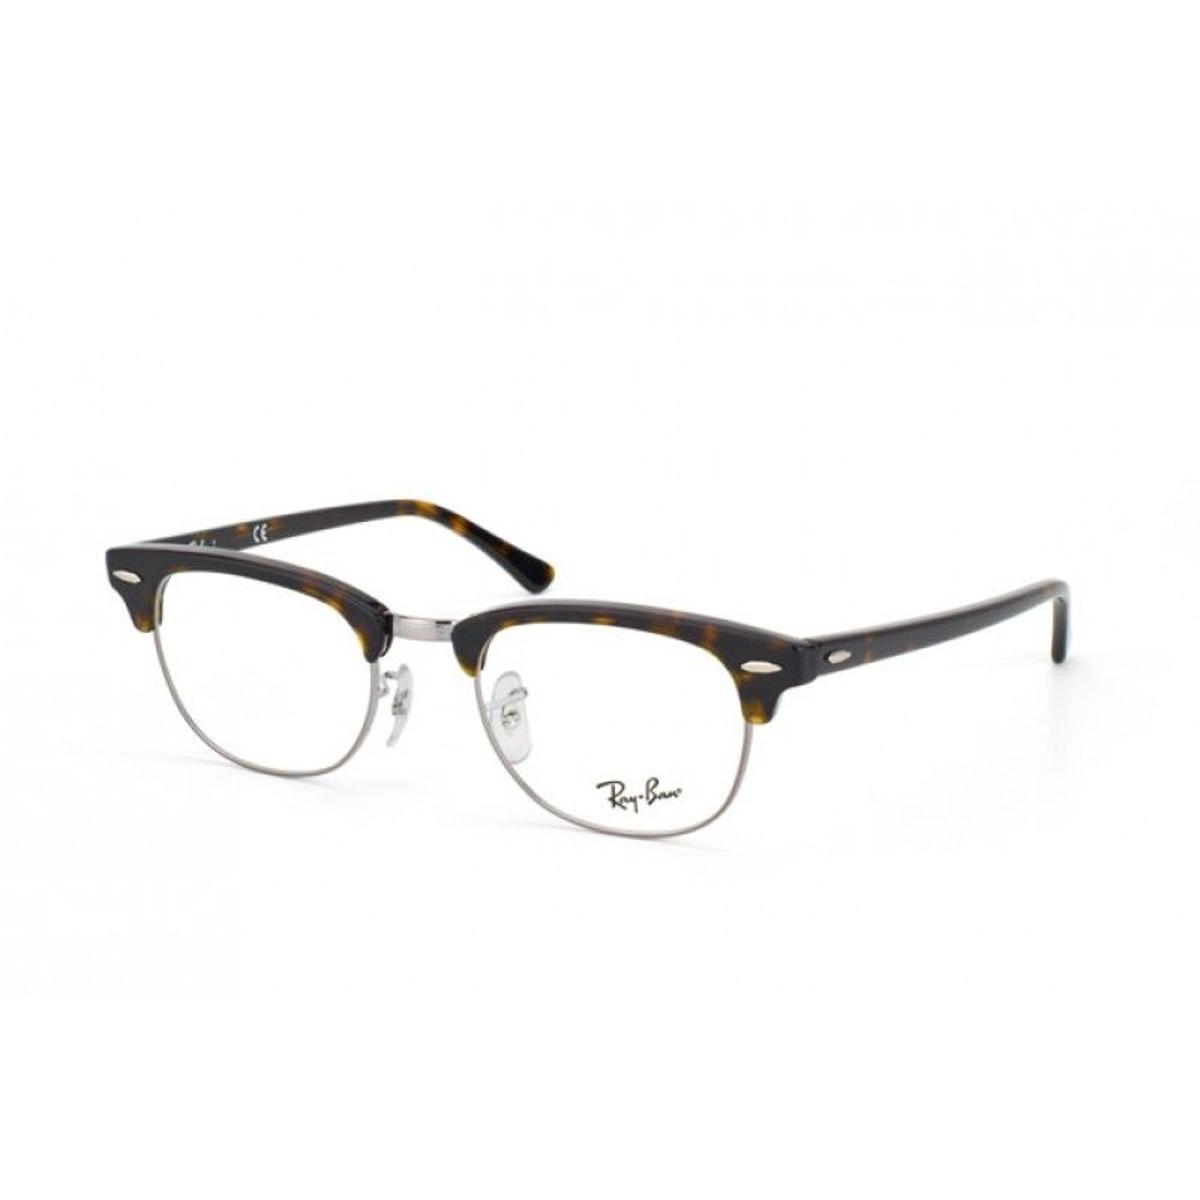 5a47cad84841e3 RAY-BAN Lunettes de vue pour homme RAY BAN Ecaille RX 5154 2012 49